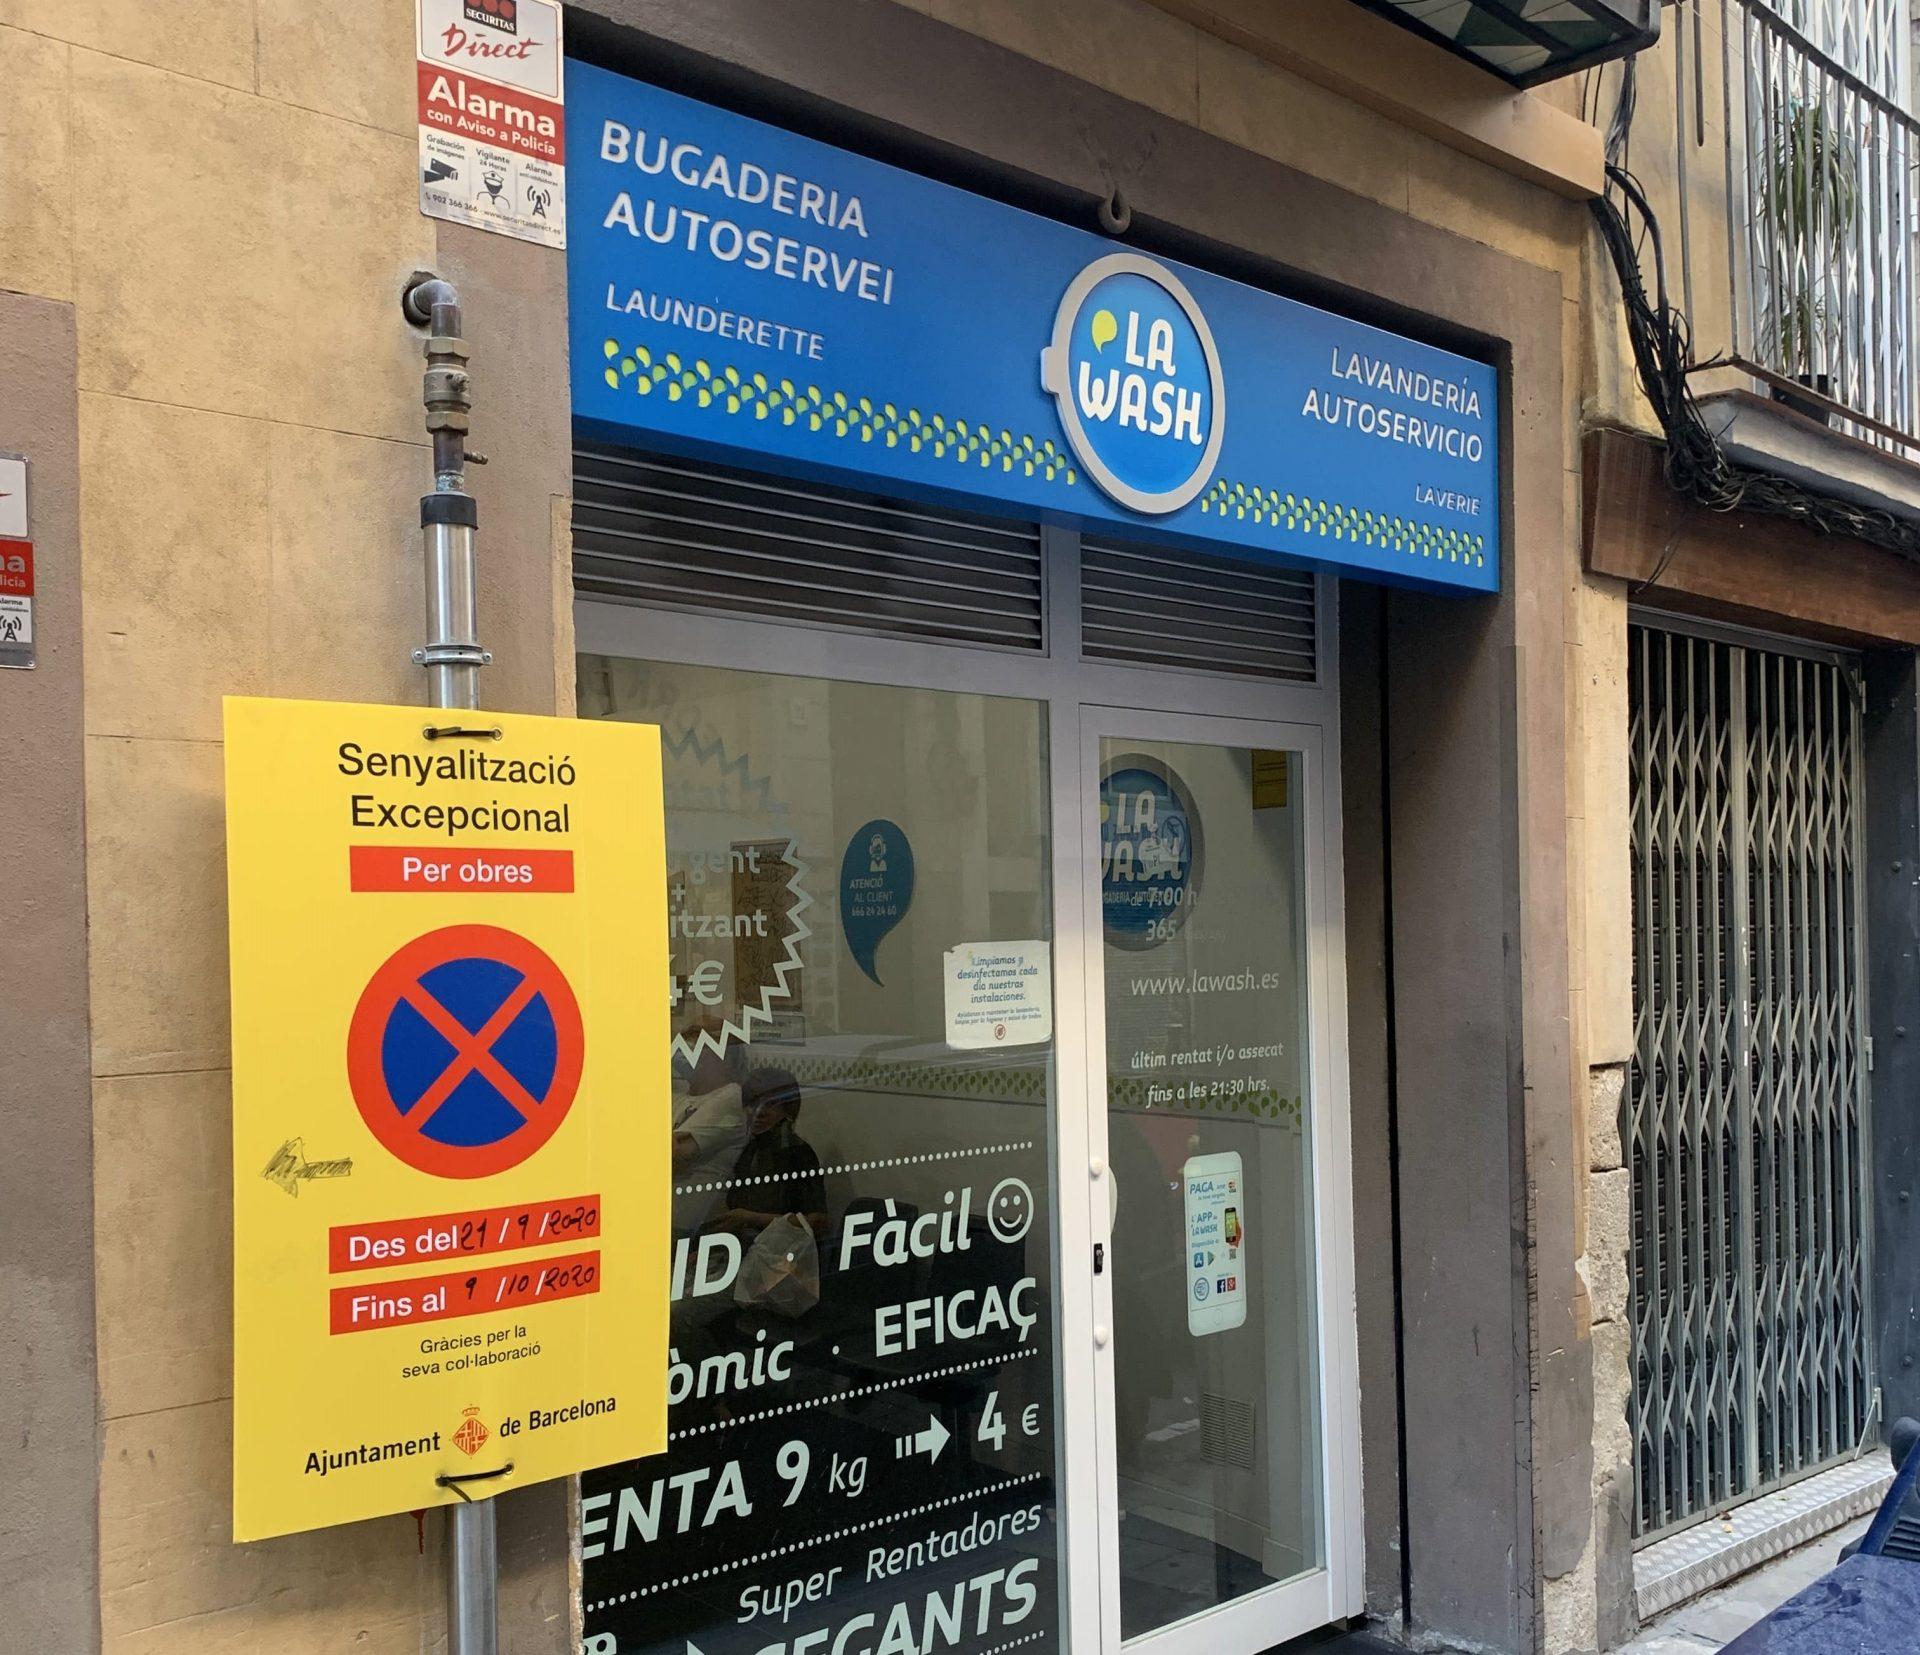 Lavandería autoservicio en Portal Nou 7 Barcelona